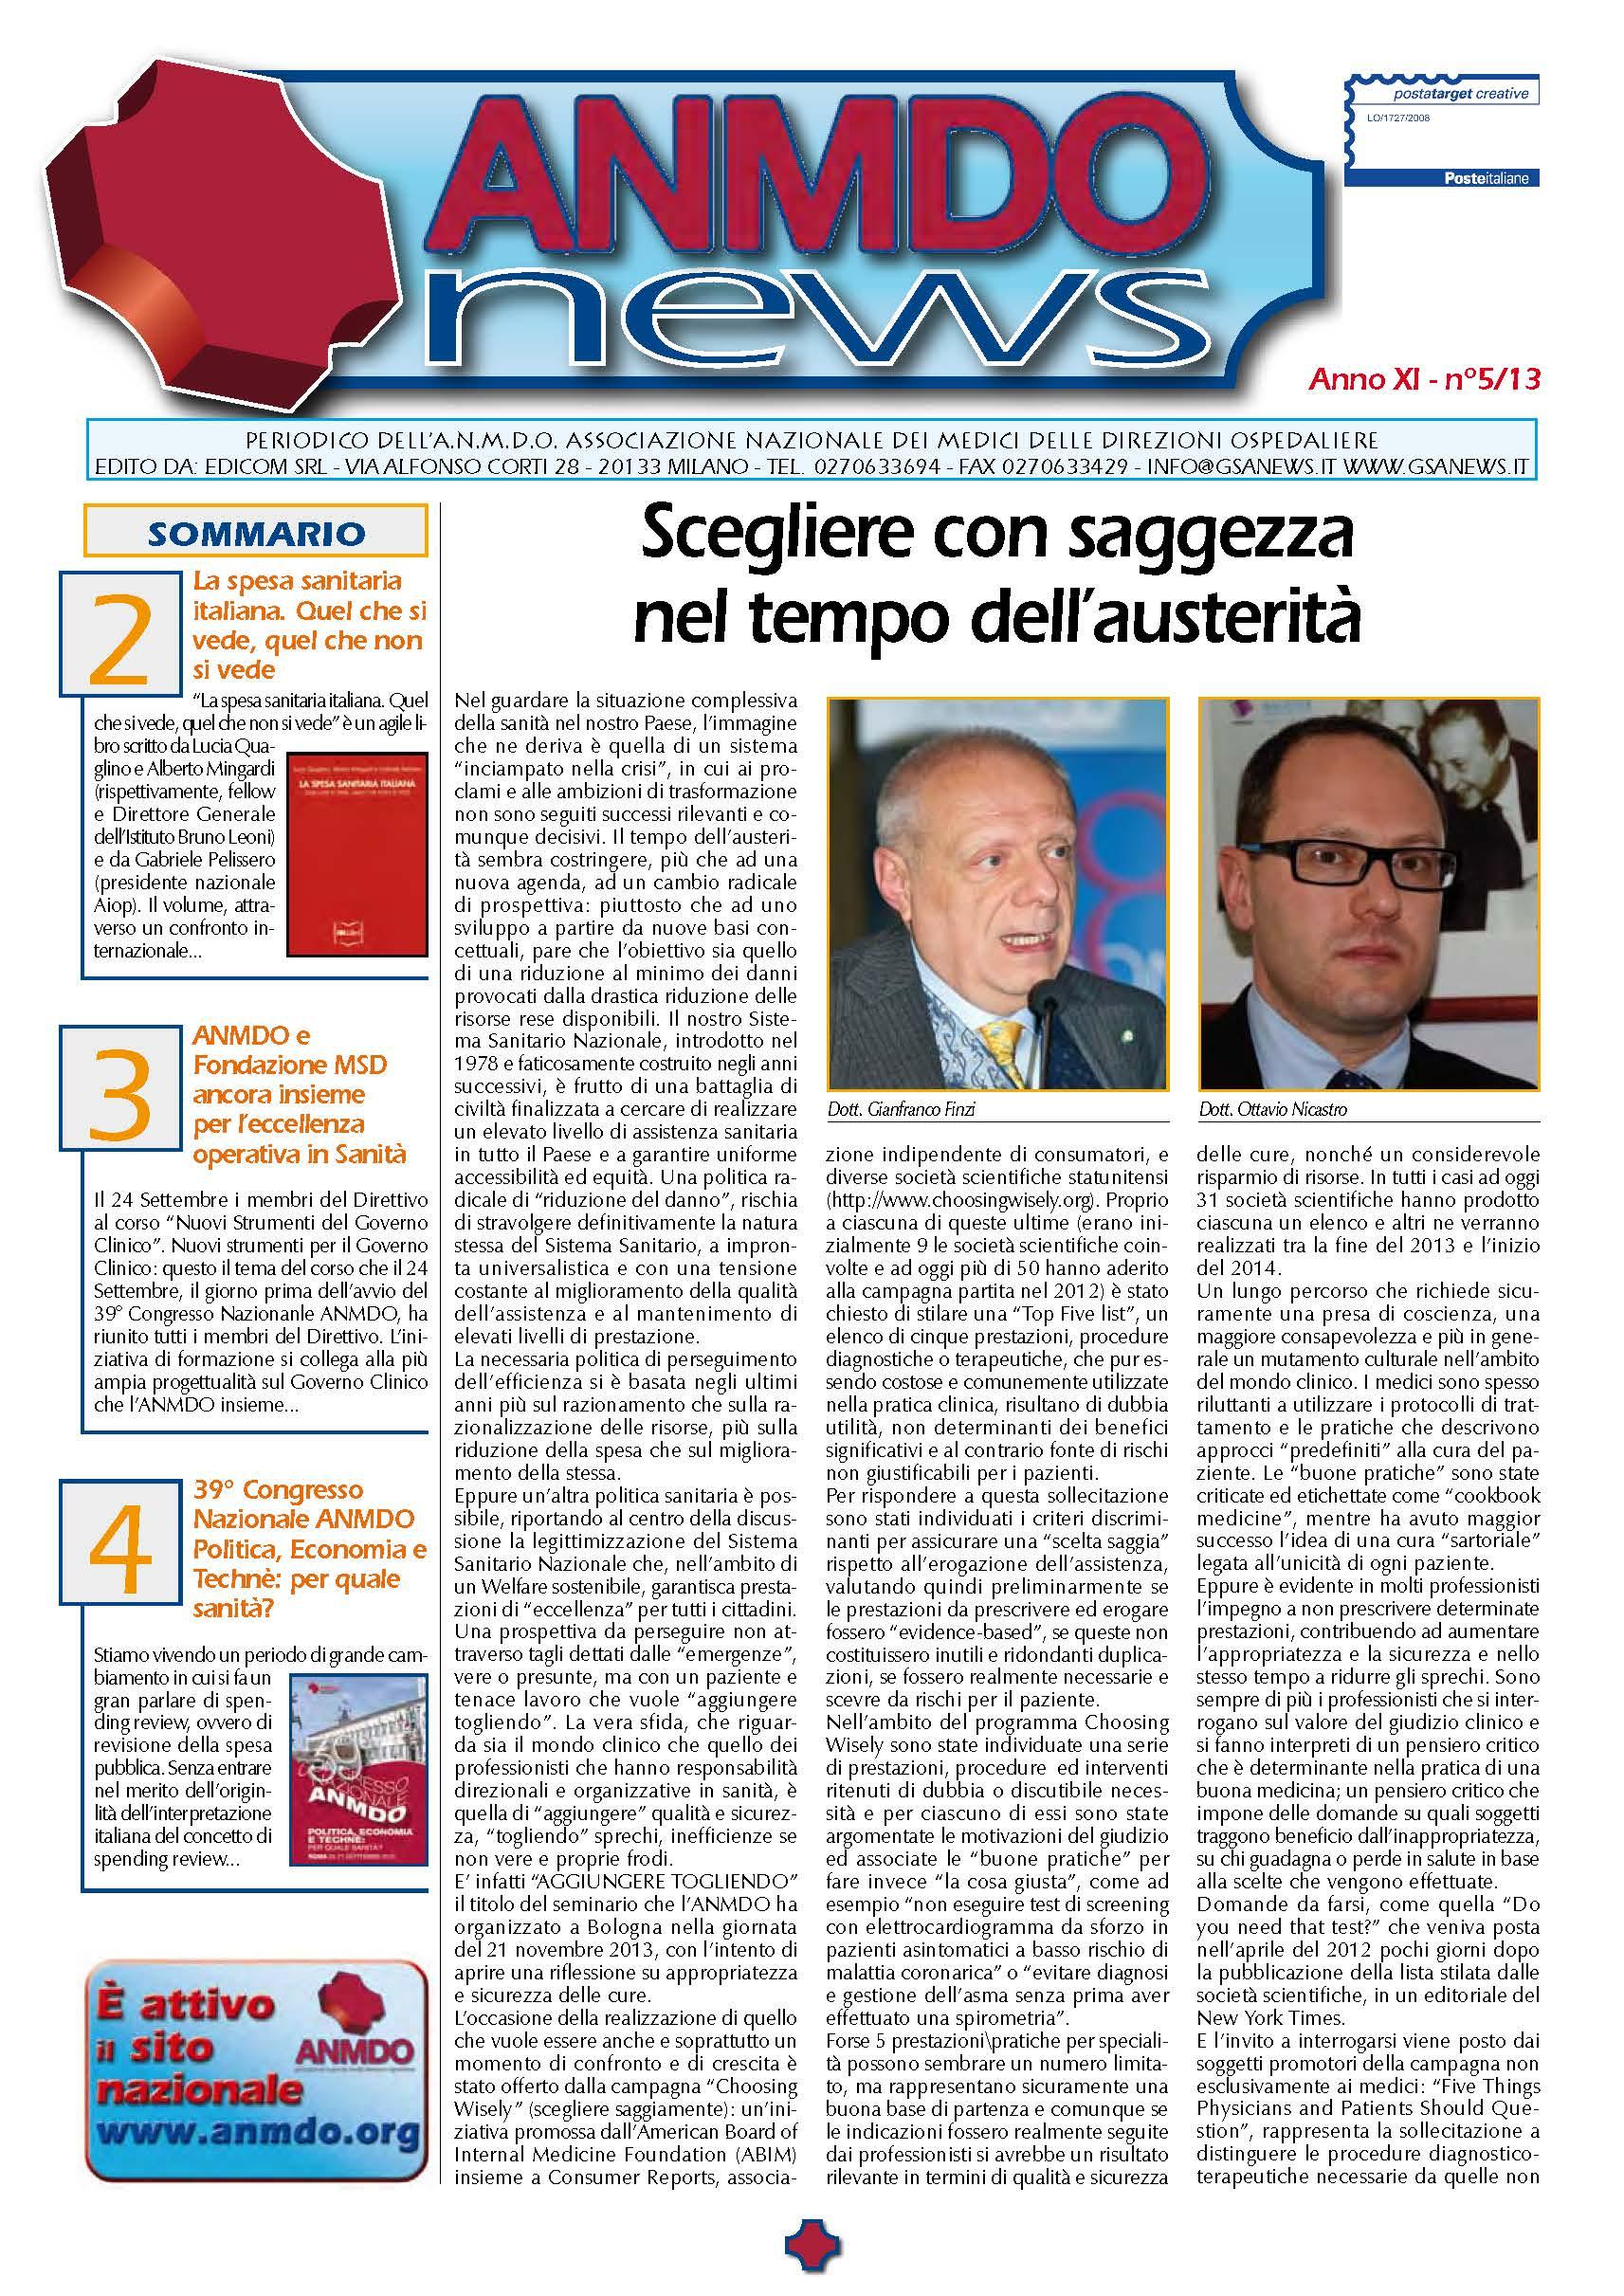 pagine-da-anmdonews_5_13